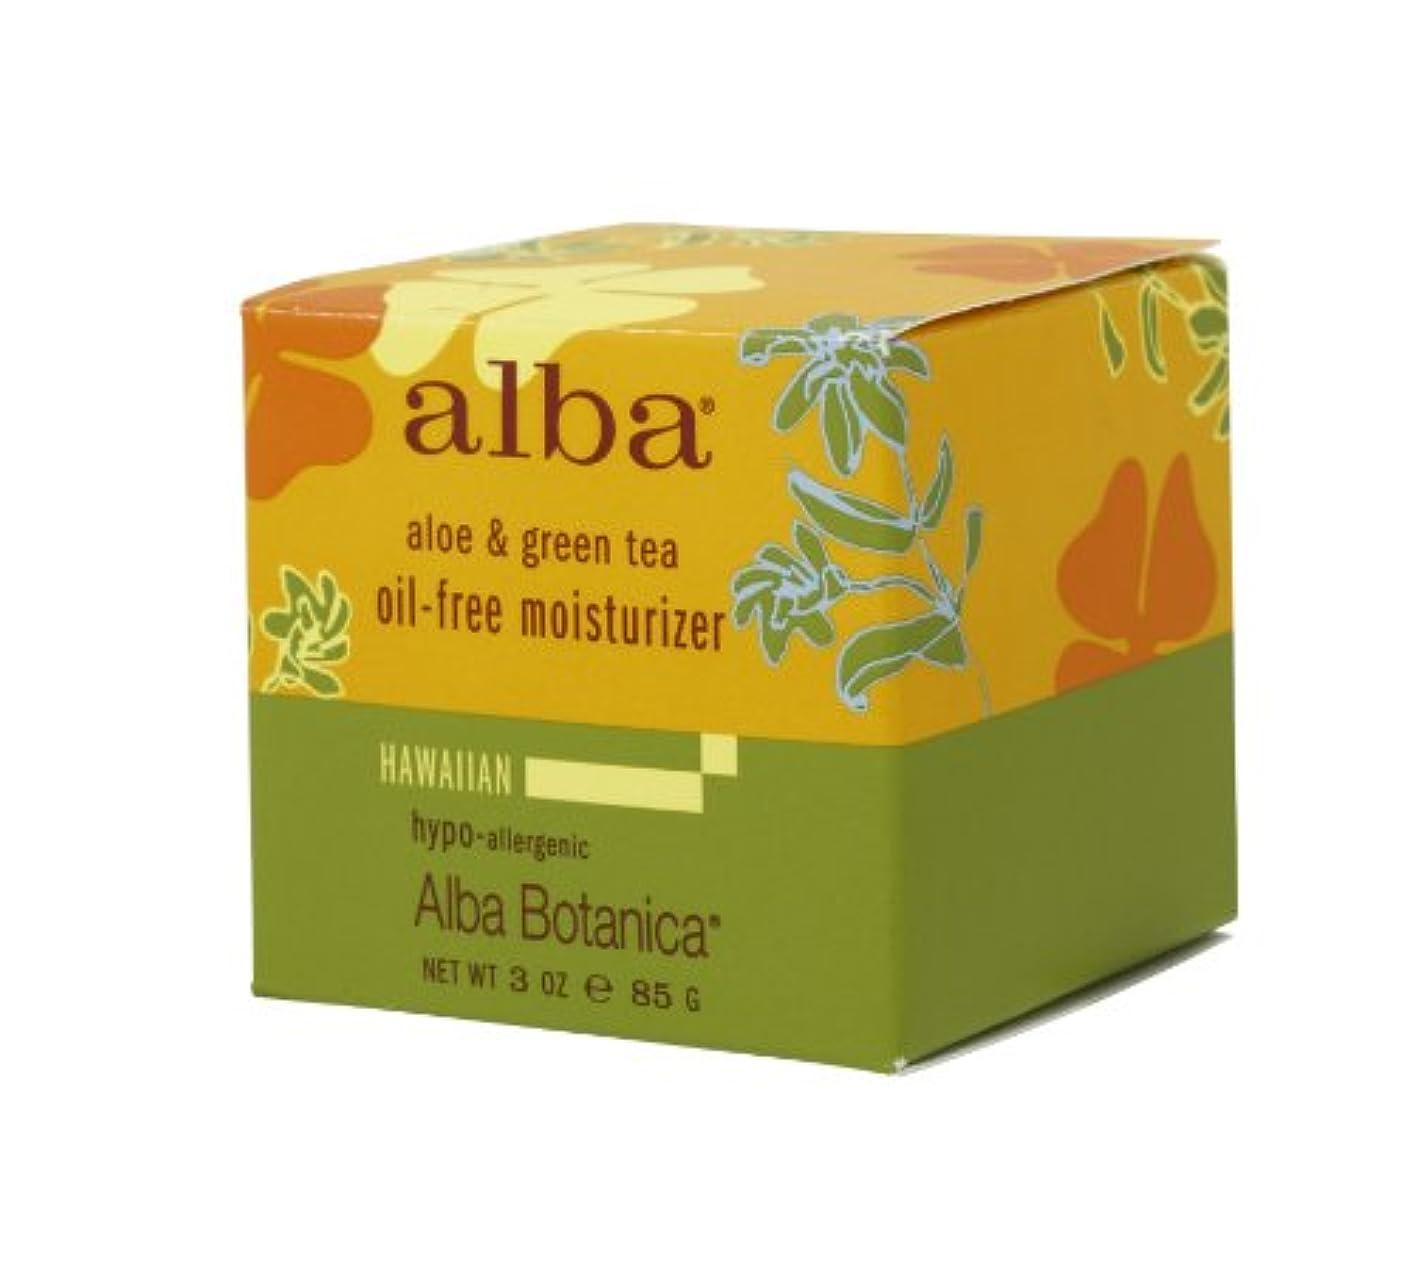 母同化する追放するalba BOTANICA アルバボタニカ ハワイアン オイルフリーモイスチャークリームAG アロエ&グリンティー